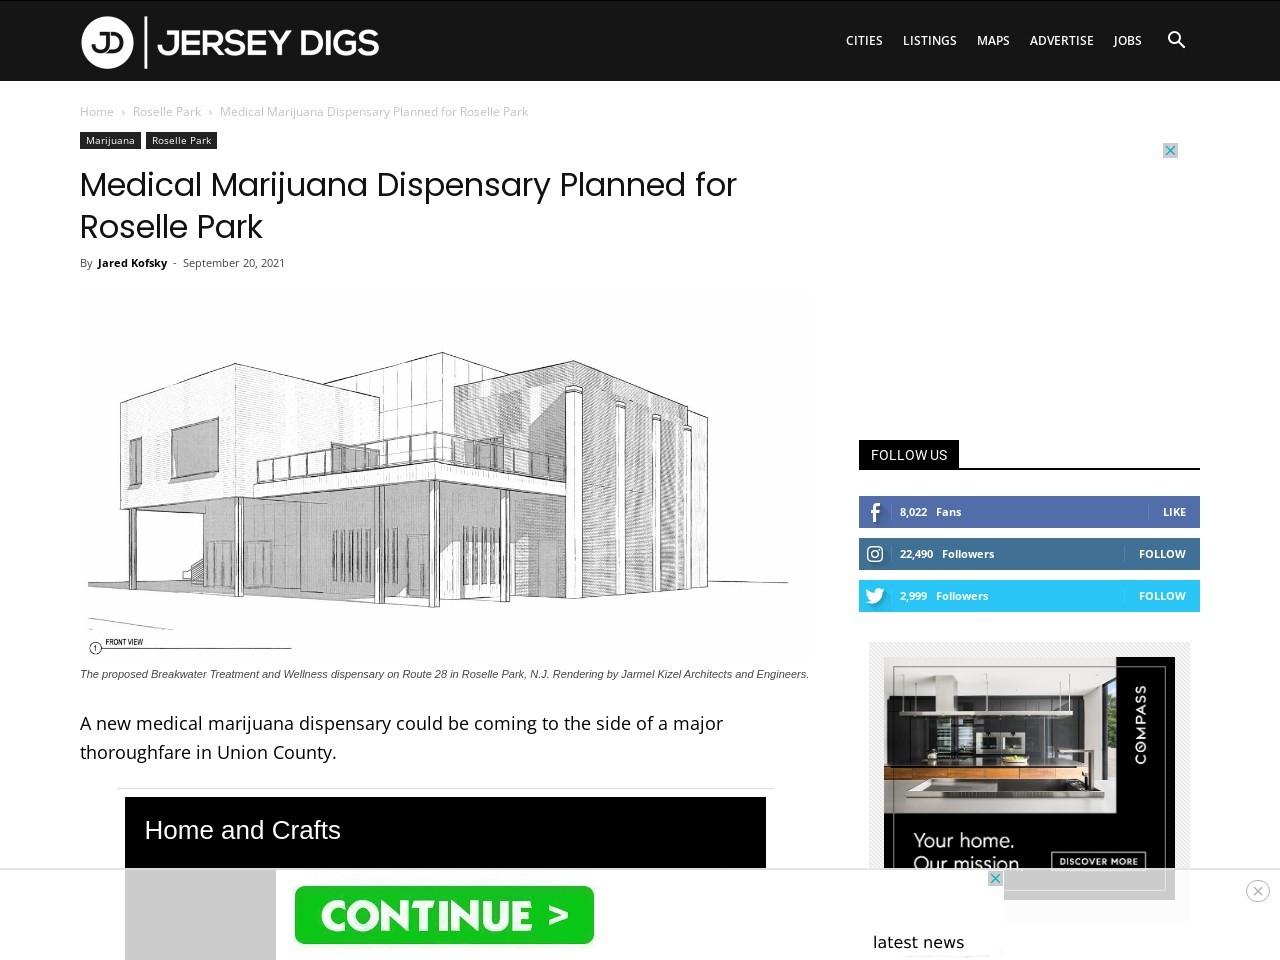 Medical Marijuana Dispensary Planned for Roselle Park